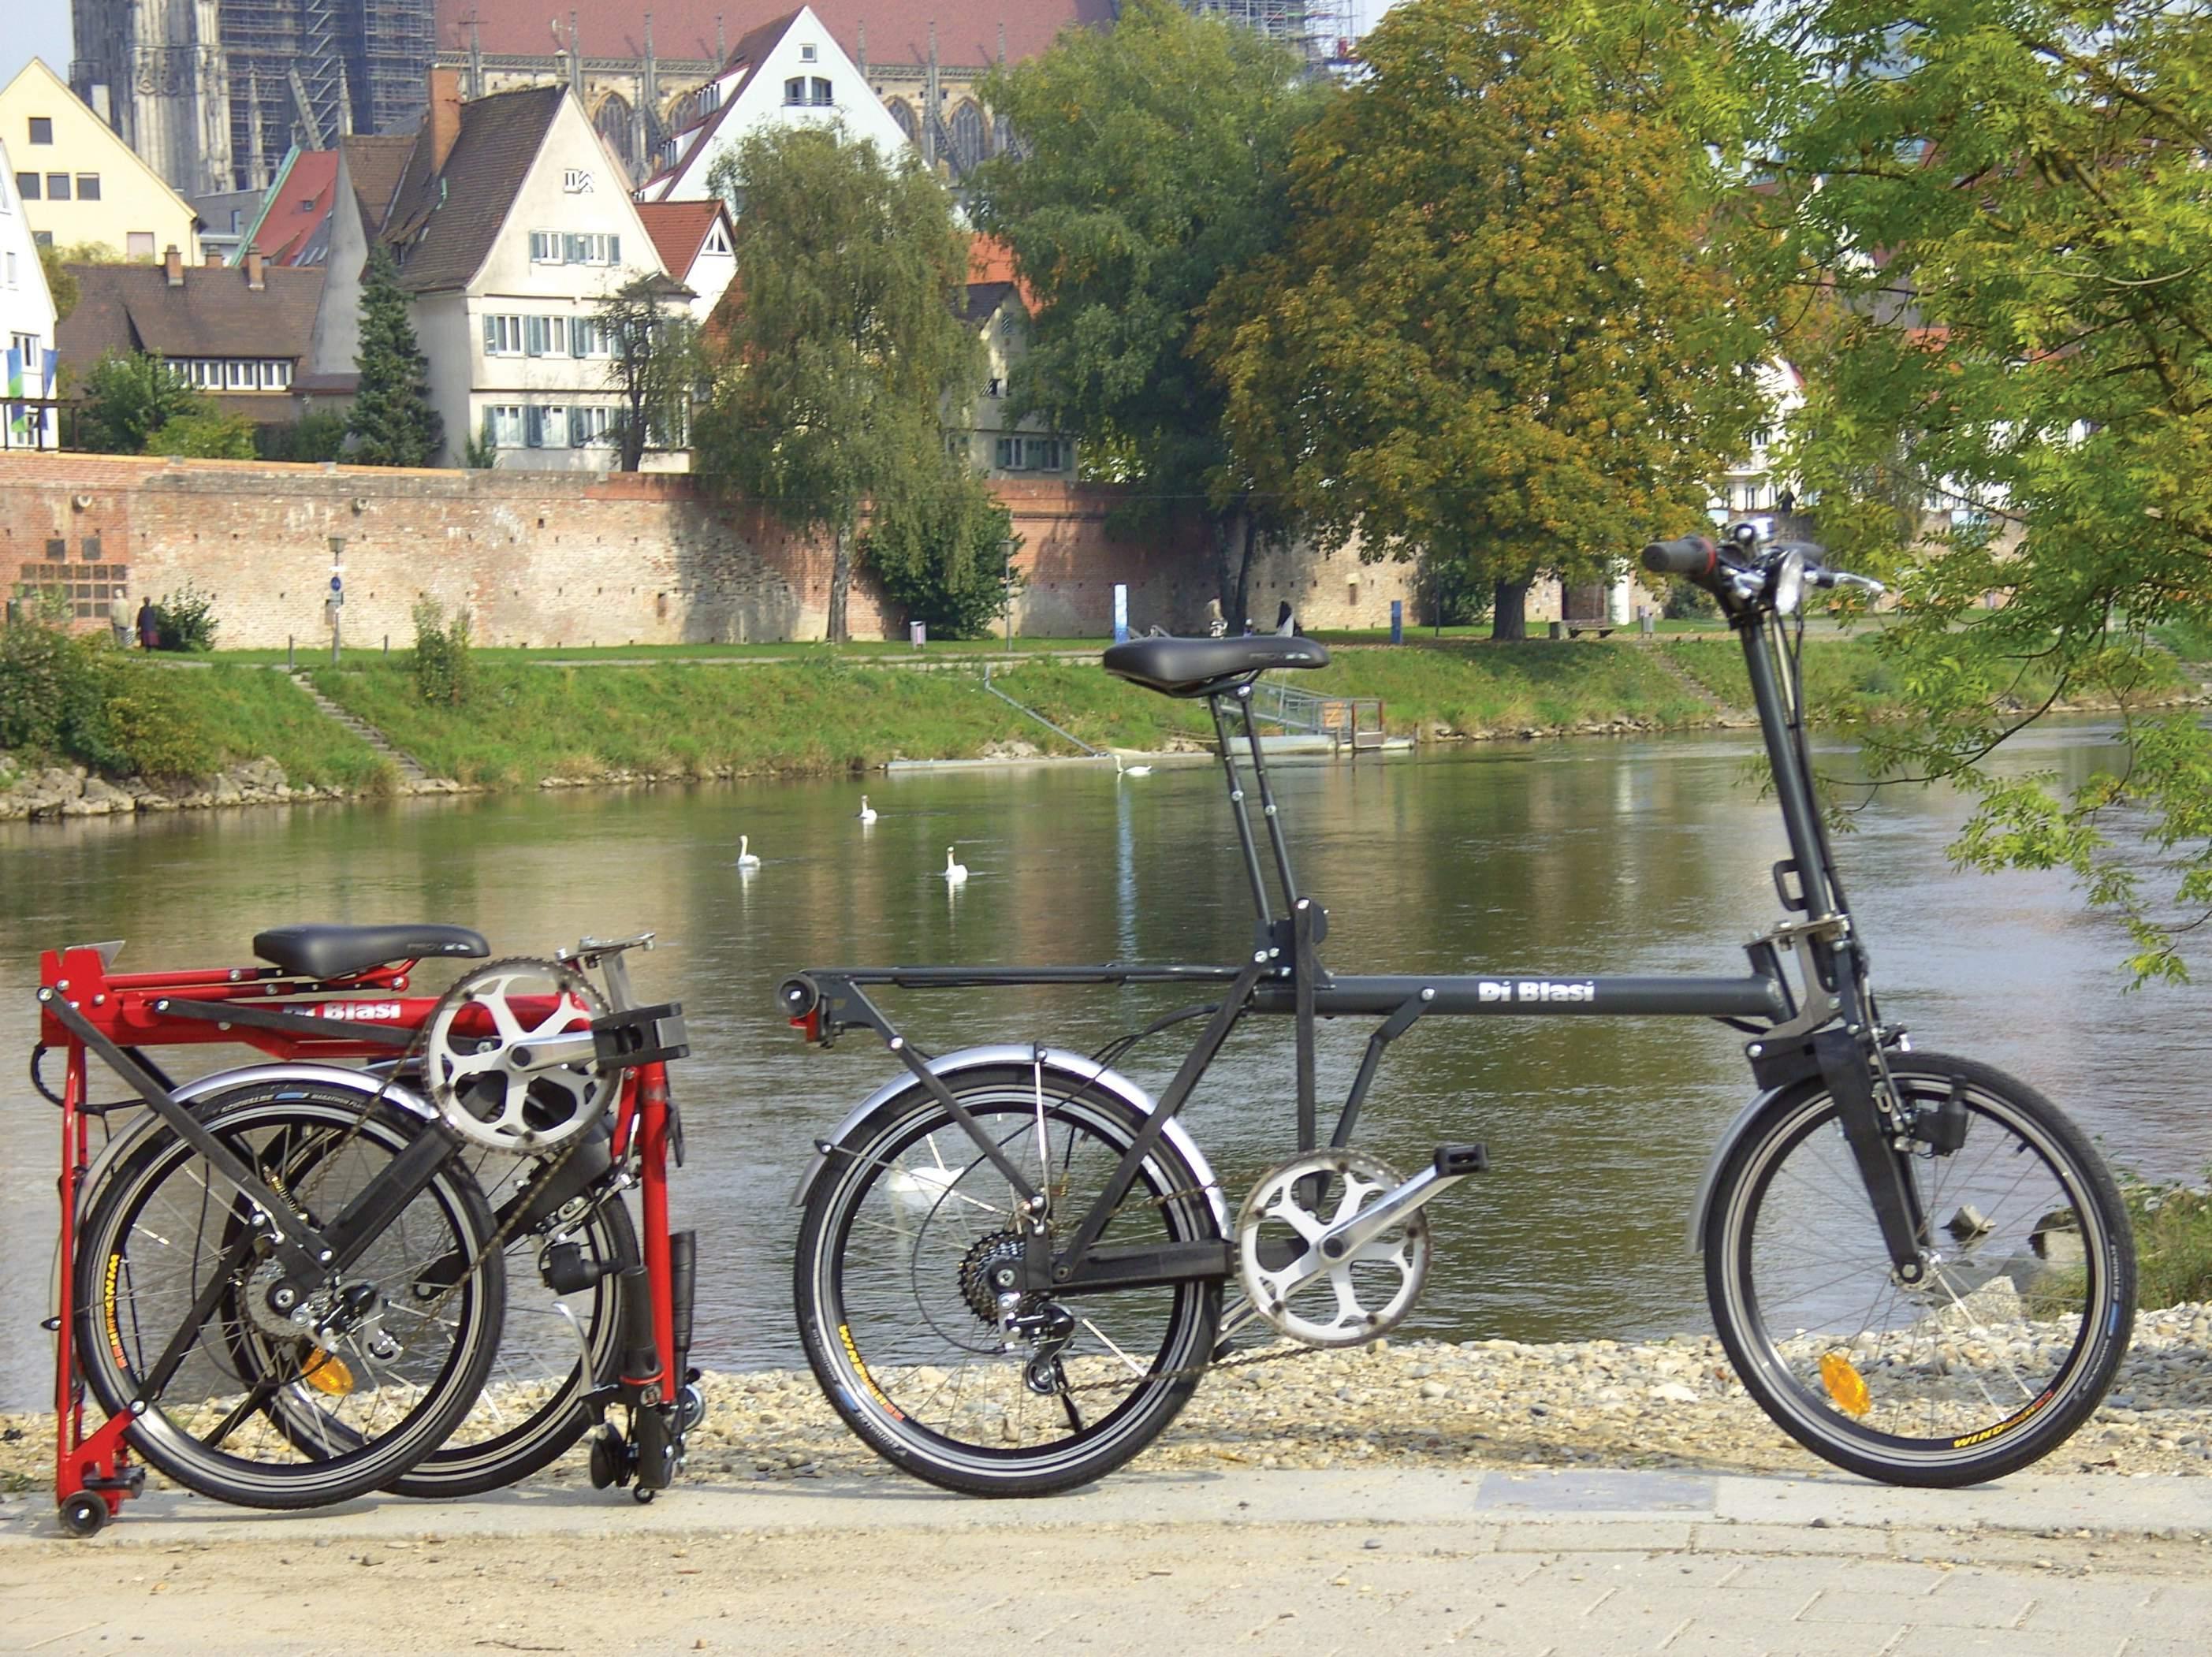 Bici Pieghevole Di Blasi.Free Download Bicicletta Pieghevole Di Blasi Mod R22